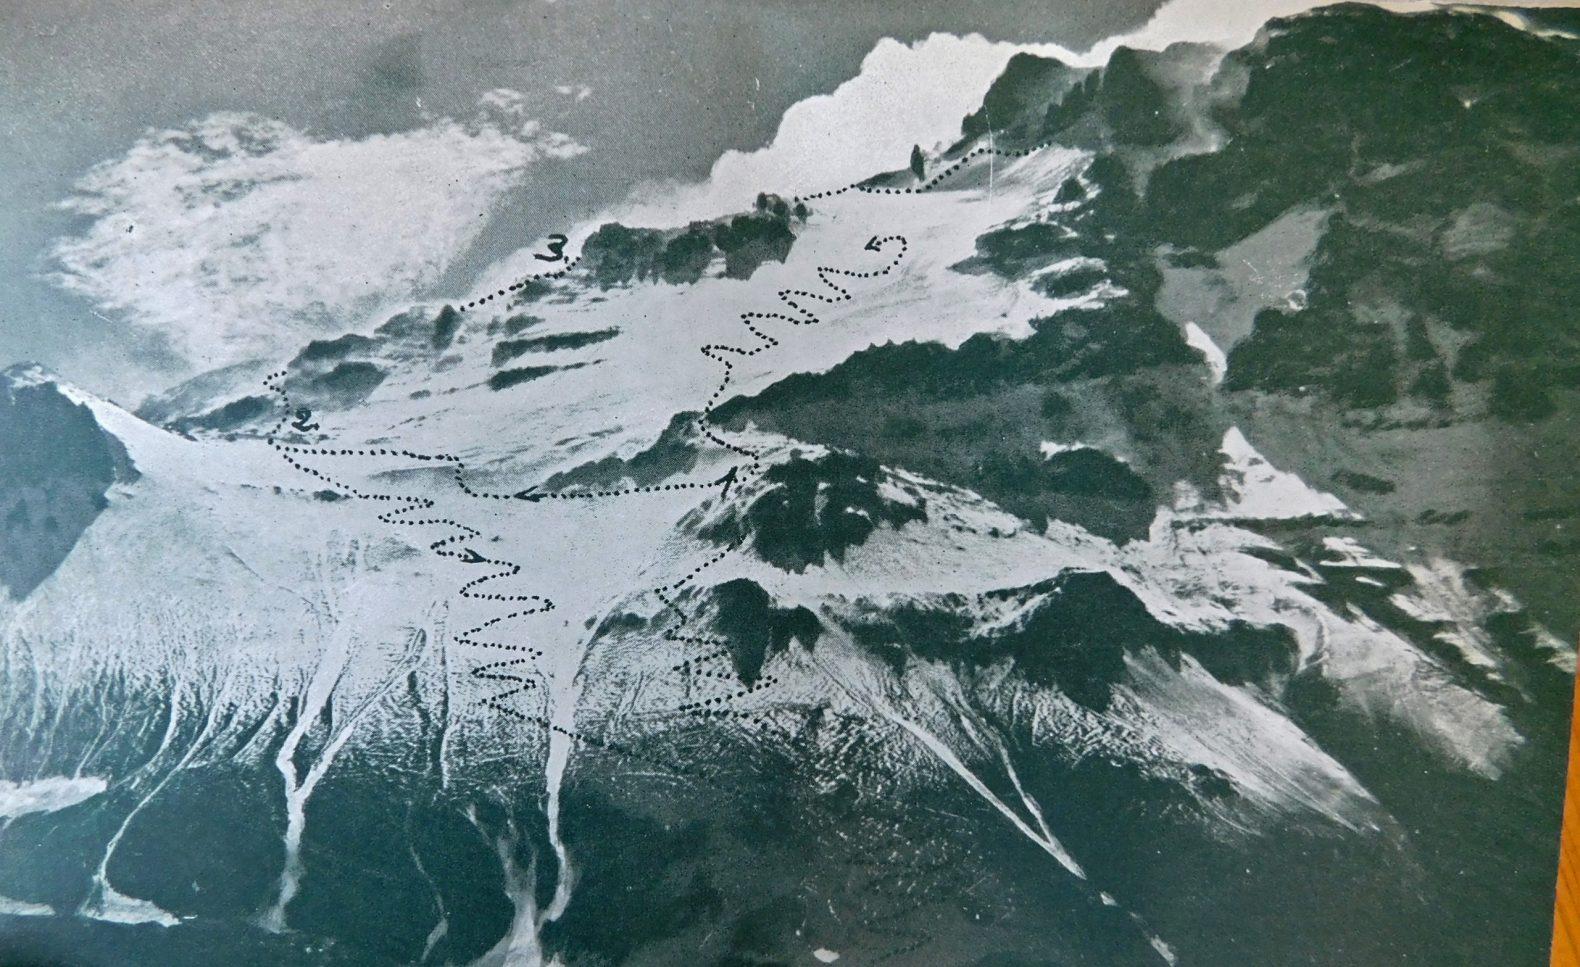 El Primer Ascenso de la Cumbre Sur del Aconcagua – Traducción del artículo publicado en 1948